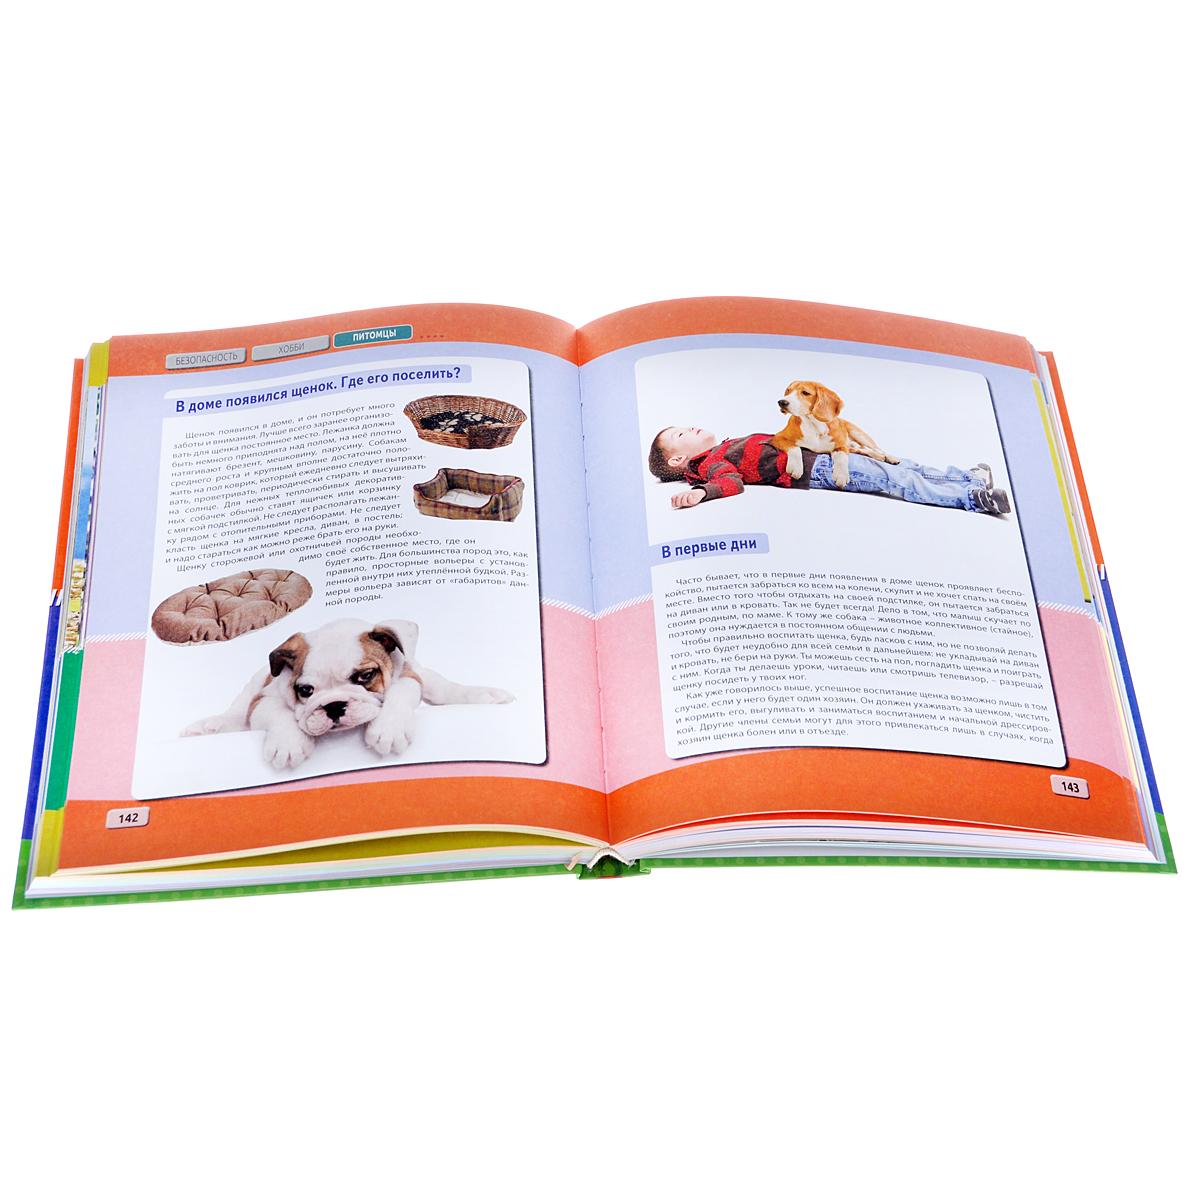 Т. Беленькая. Большая энциклопедия для мальчиков обо всем на свете